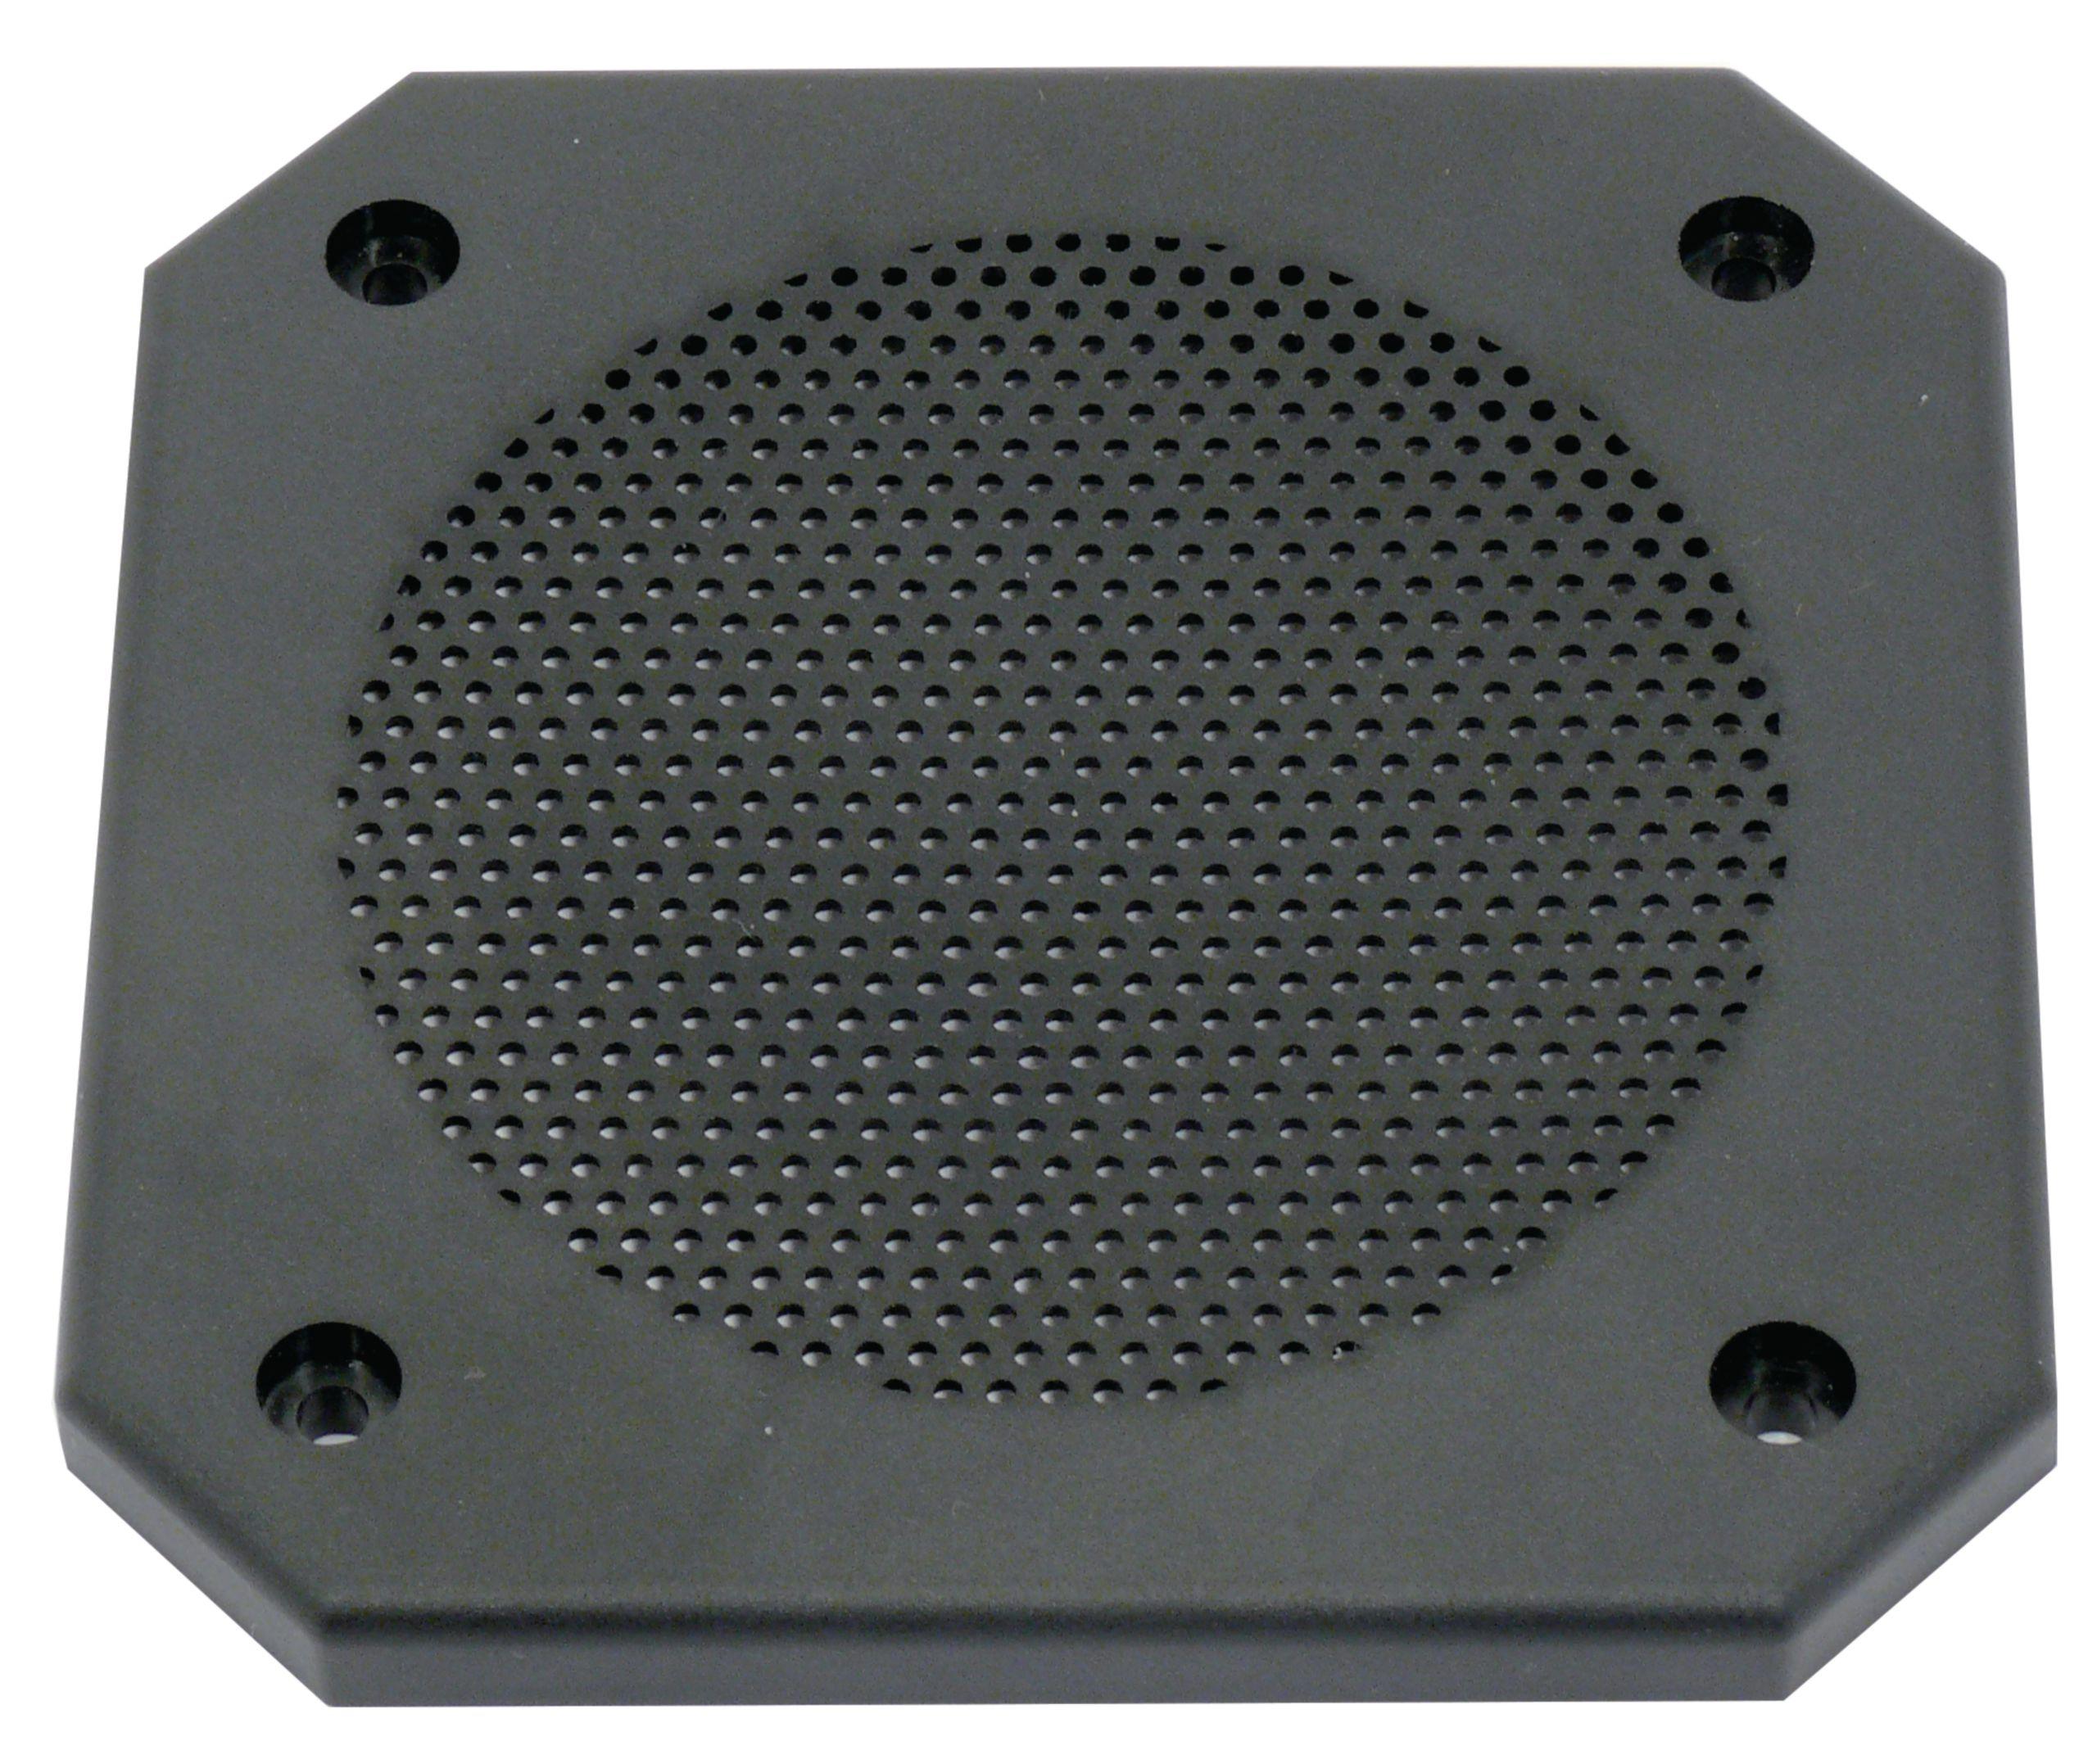 Ochranná mřížka 10 PL Visaton, VS-4744 černá